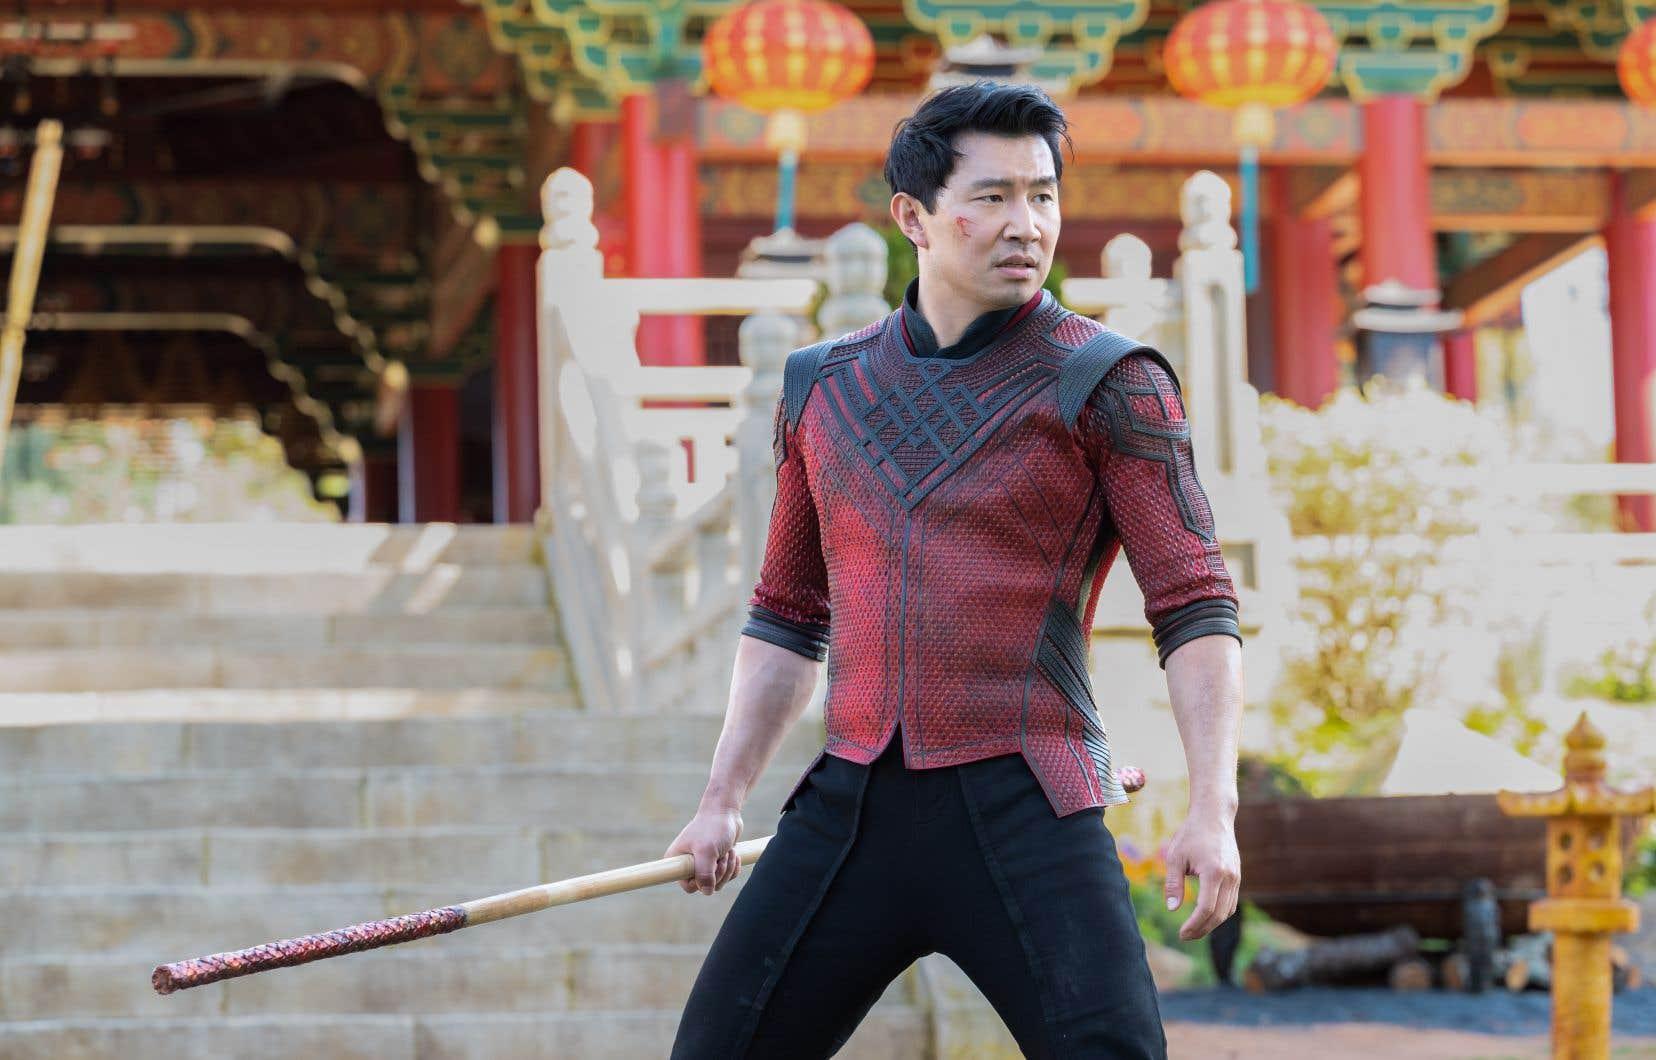 L'acteur canadien de 32 ans Simu Liu incarne le superhéros Shang-Chi avec le dosage parfait de gravité,  d'humour et  de charisme.